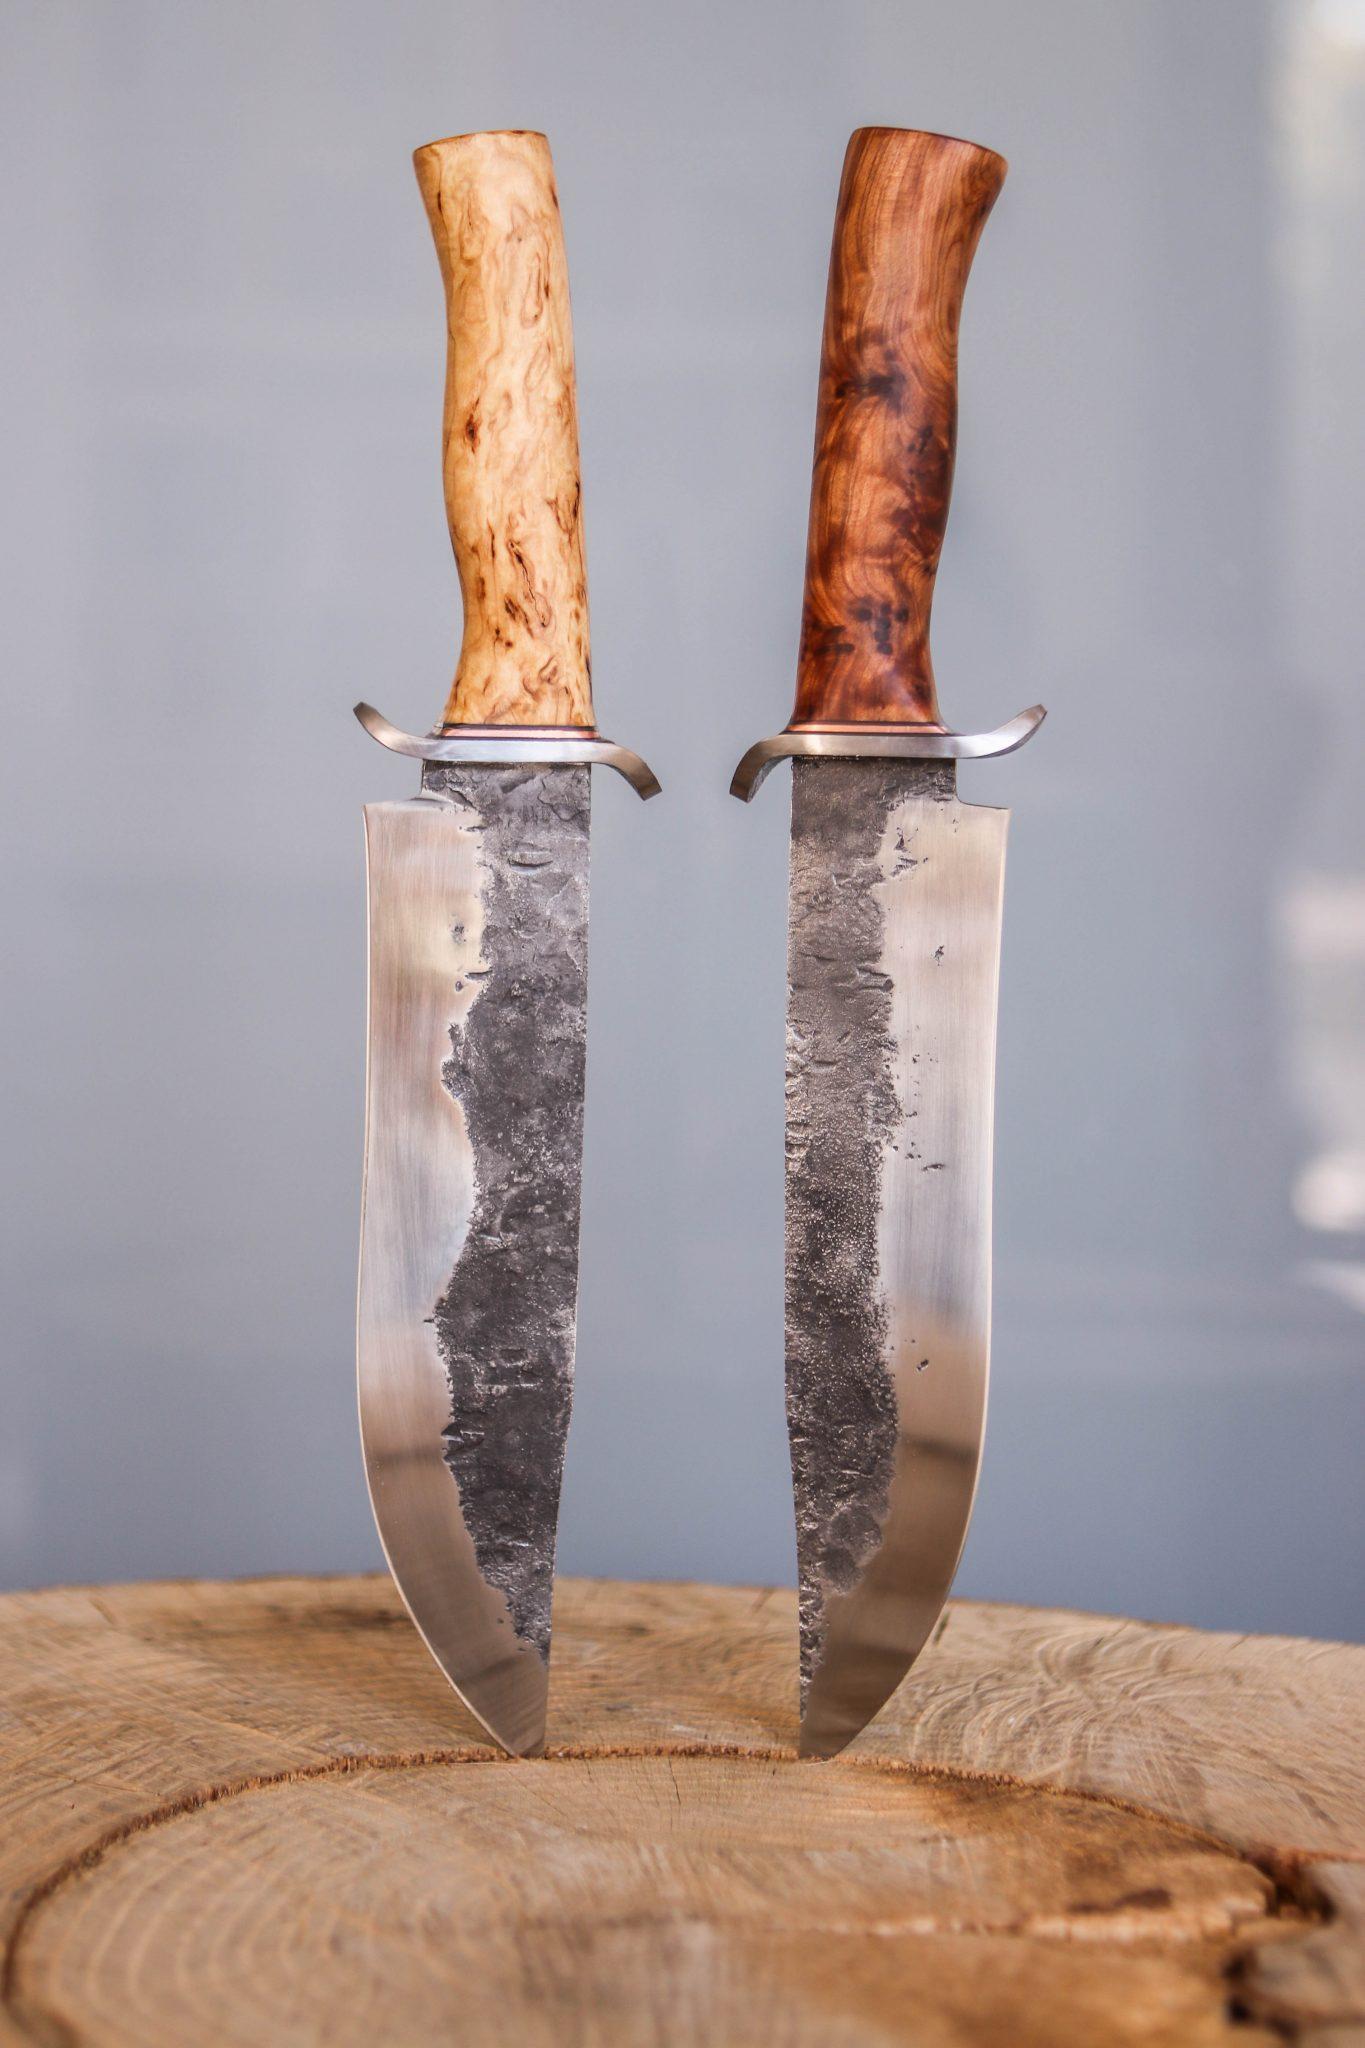 Lander Verschueren mes messen zelfgemaakt handgemaakt wapen smeden smid leer leren leder hoes schede bowie